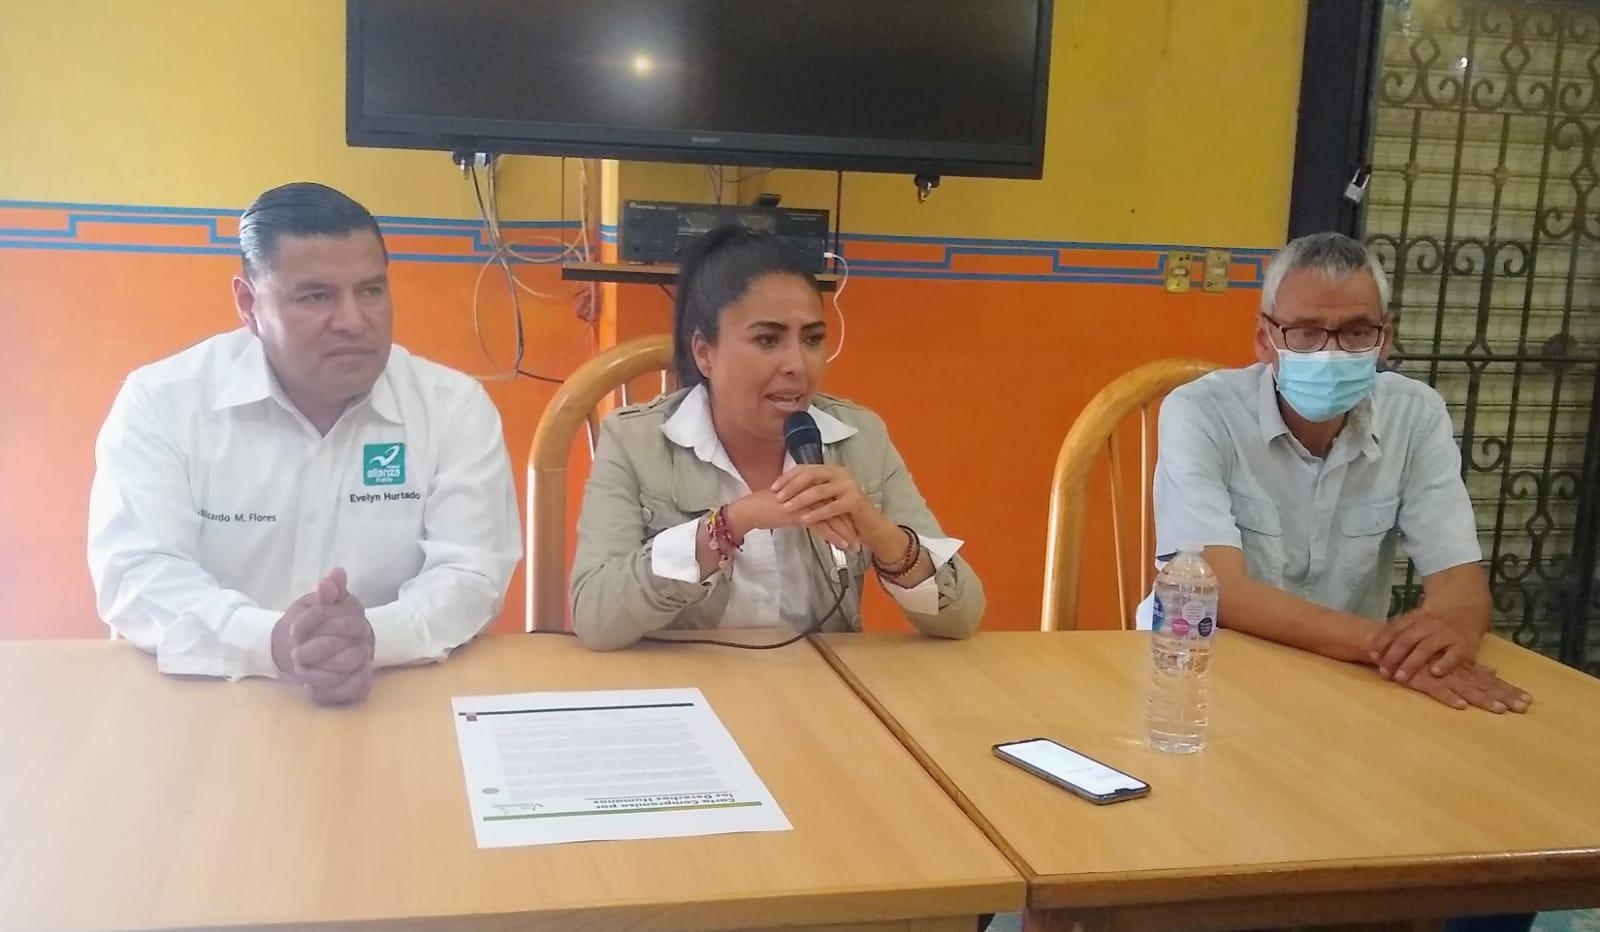 Convoca Evelyn Hurtado candidata a presidenta Municipal de Puebla por el Partido Nueva Alianza a sumar esfuerzos